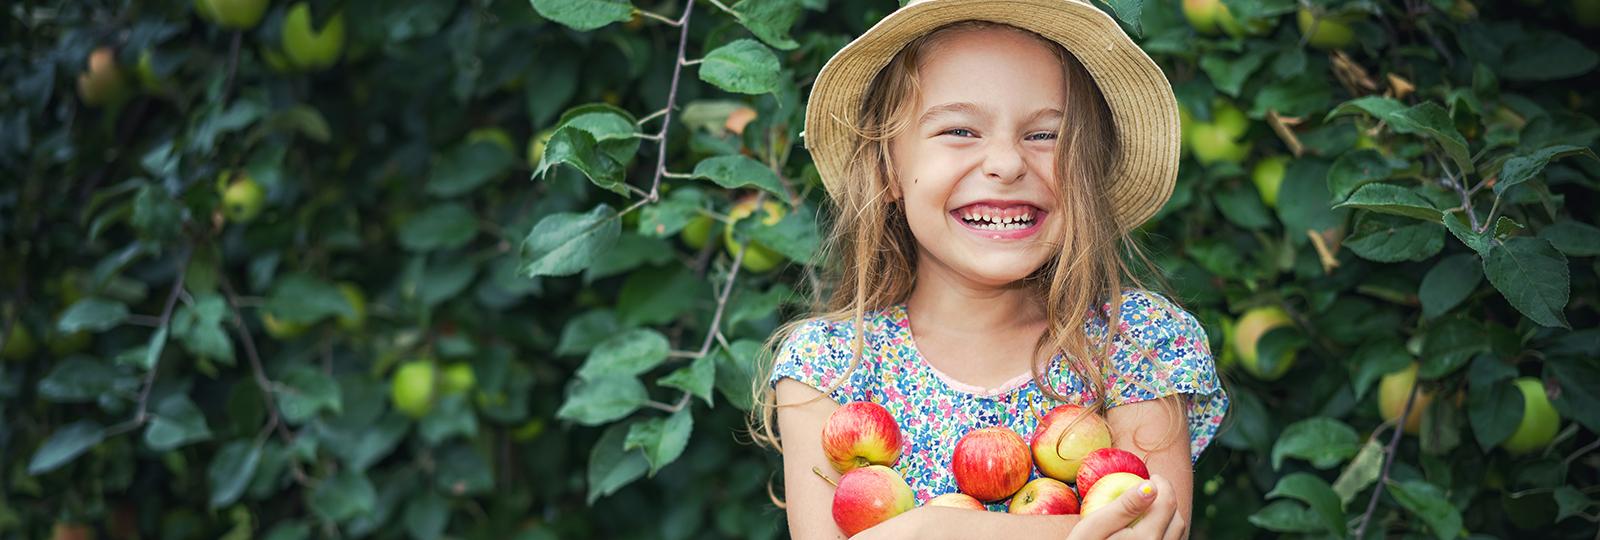 Lachendes Mädchen mit Äpfeln im Arm